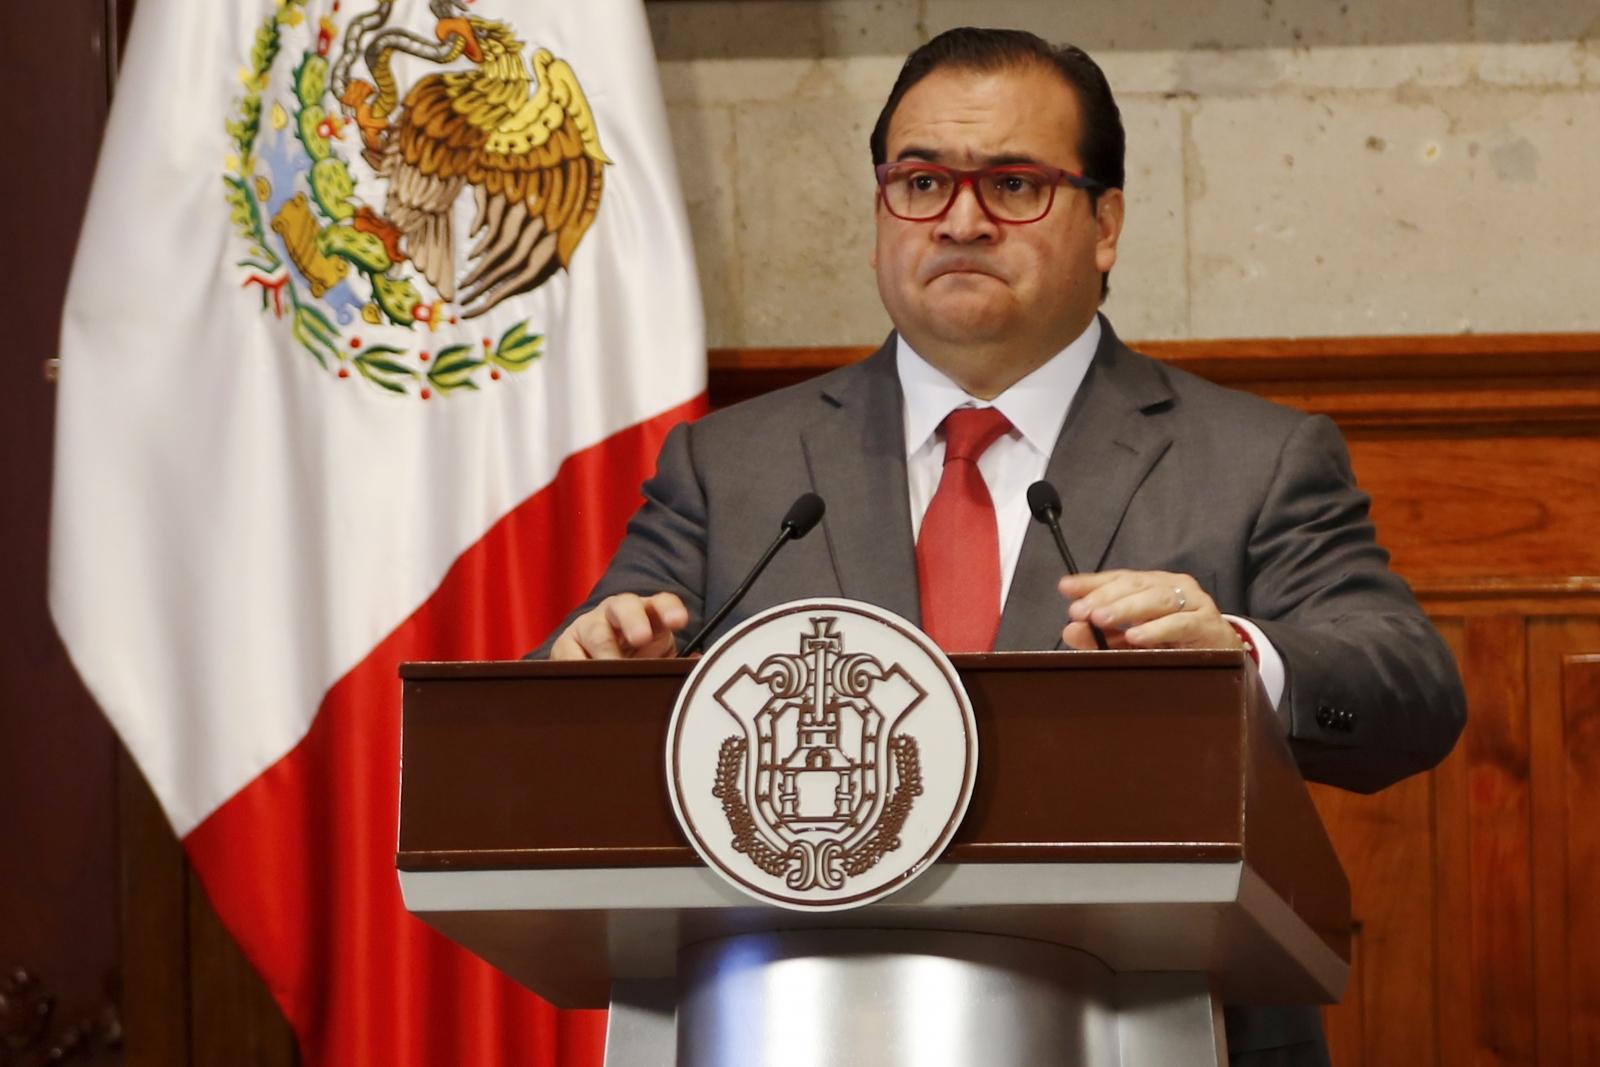 Mexico's Veracruz Governor Javier Duarte